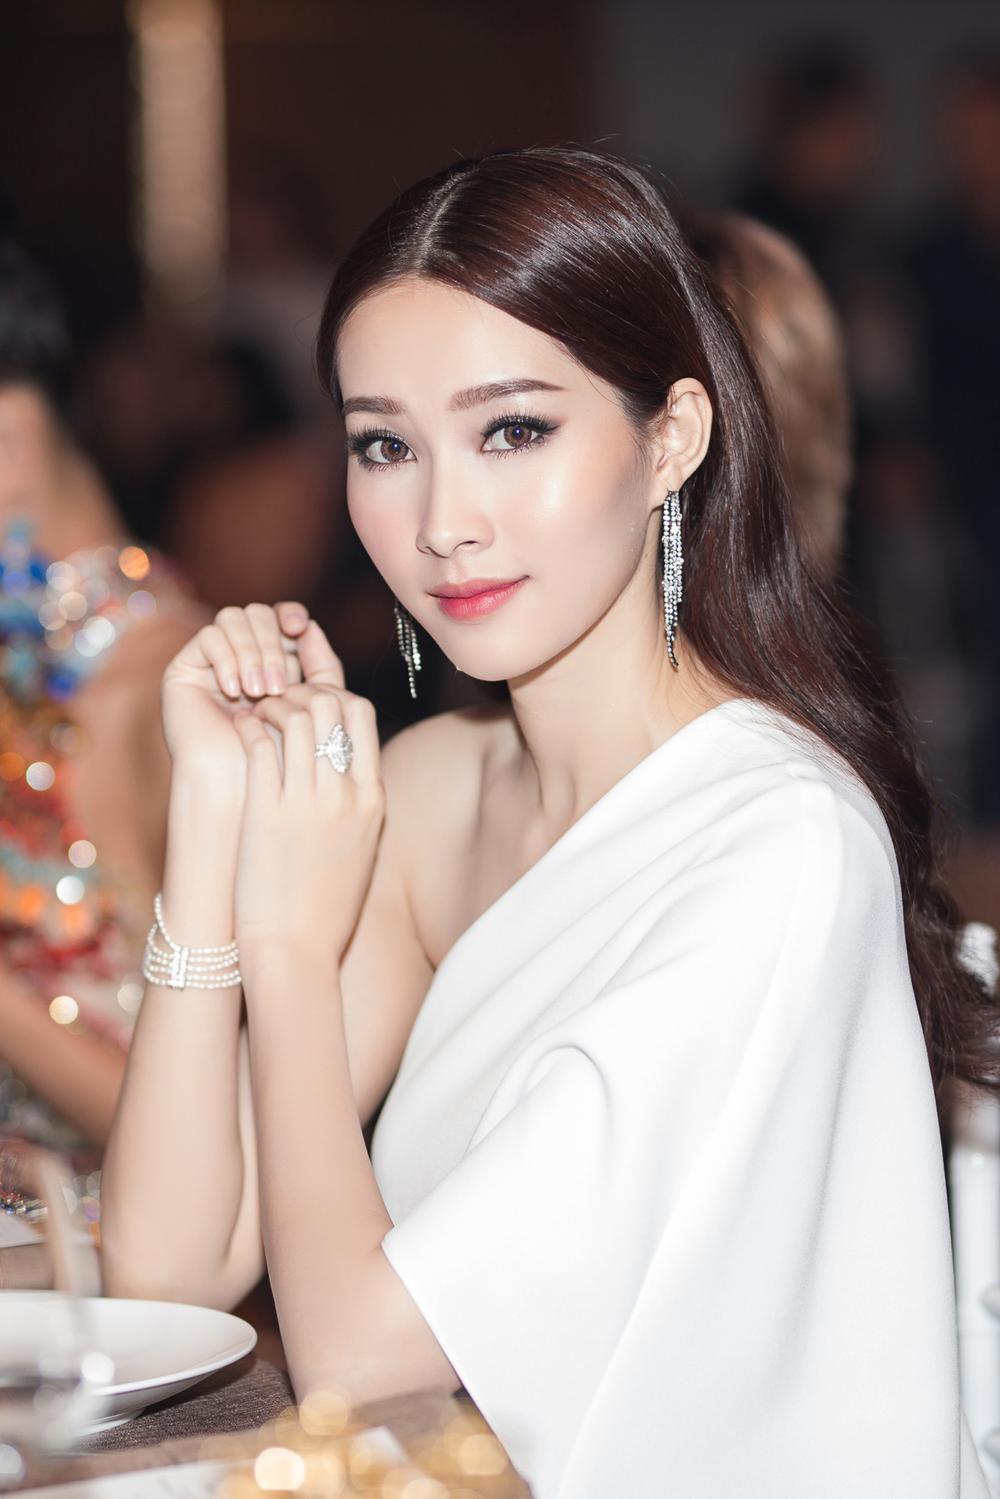 Vẻ đẹp thuần khiết của 16 cô gái thuở mới đăng quang Hoa hậu Việt Nam: Chờ đợi nhan sắc kế nhiệm Tiểu Vy Ảnh 9